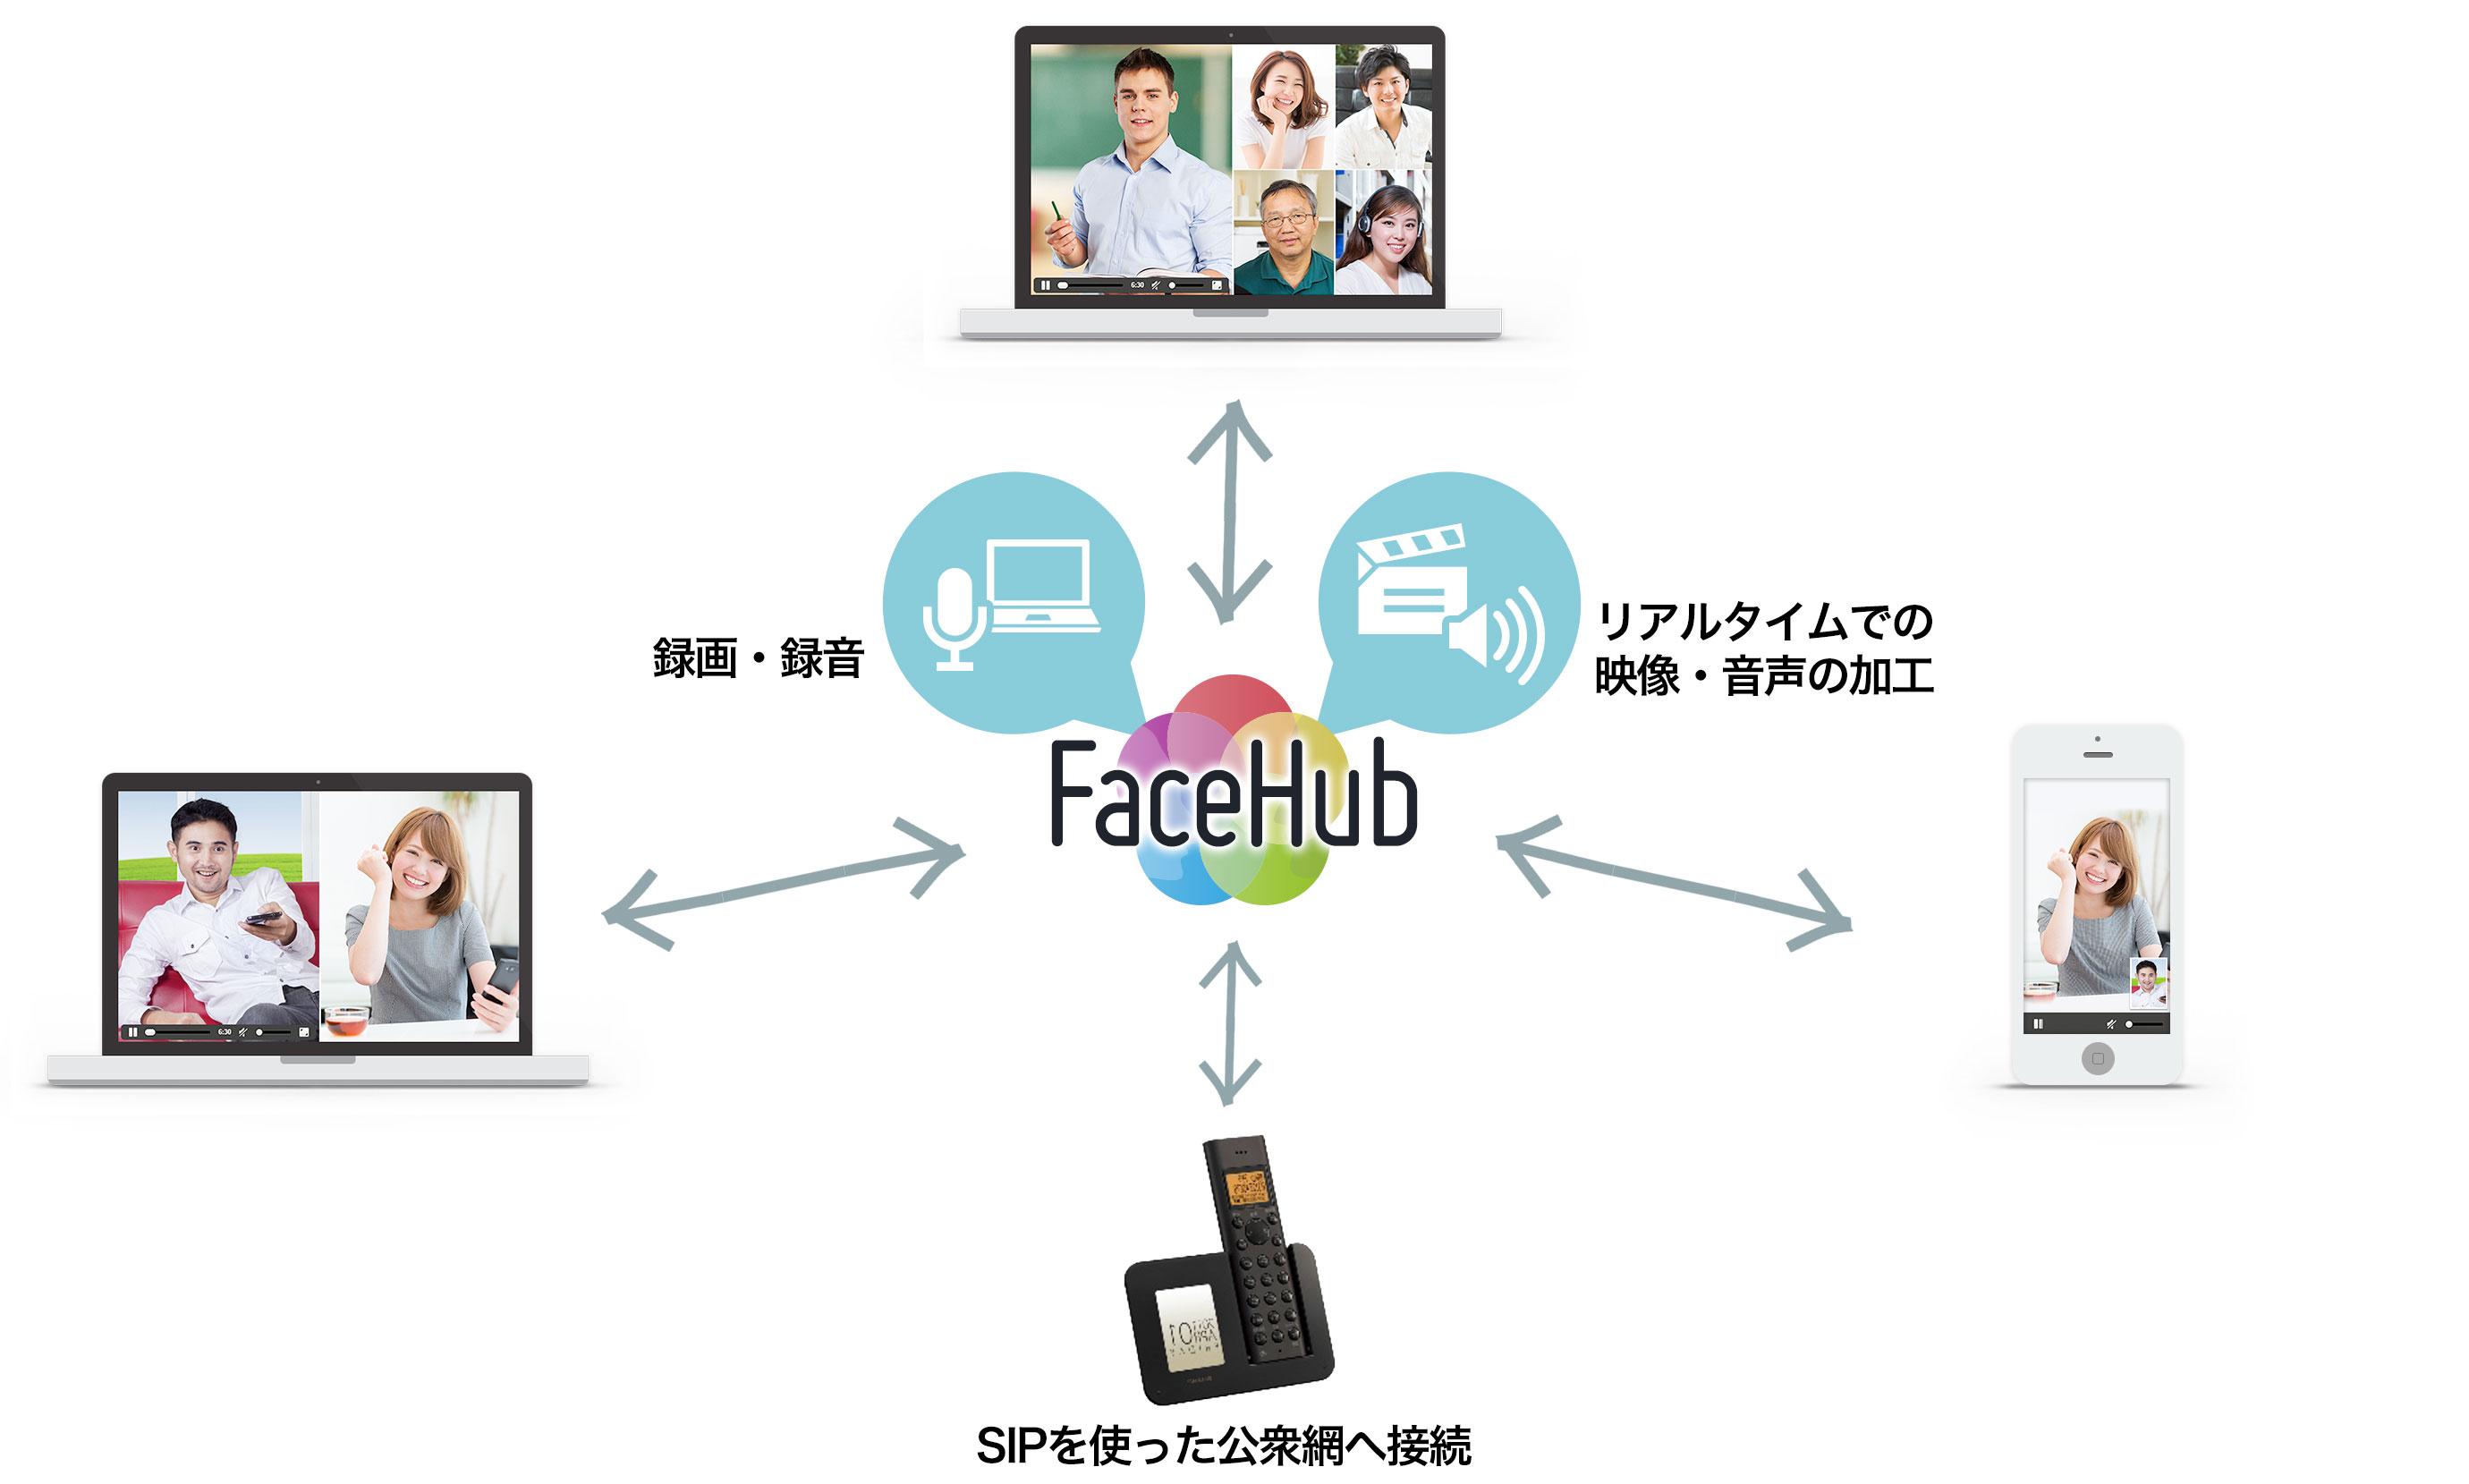 FaceHubを活用した双方向コミュニケーションのイメージ